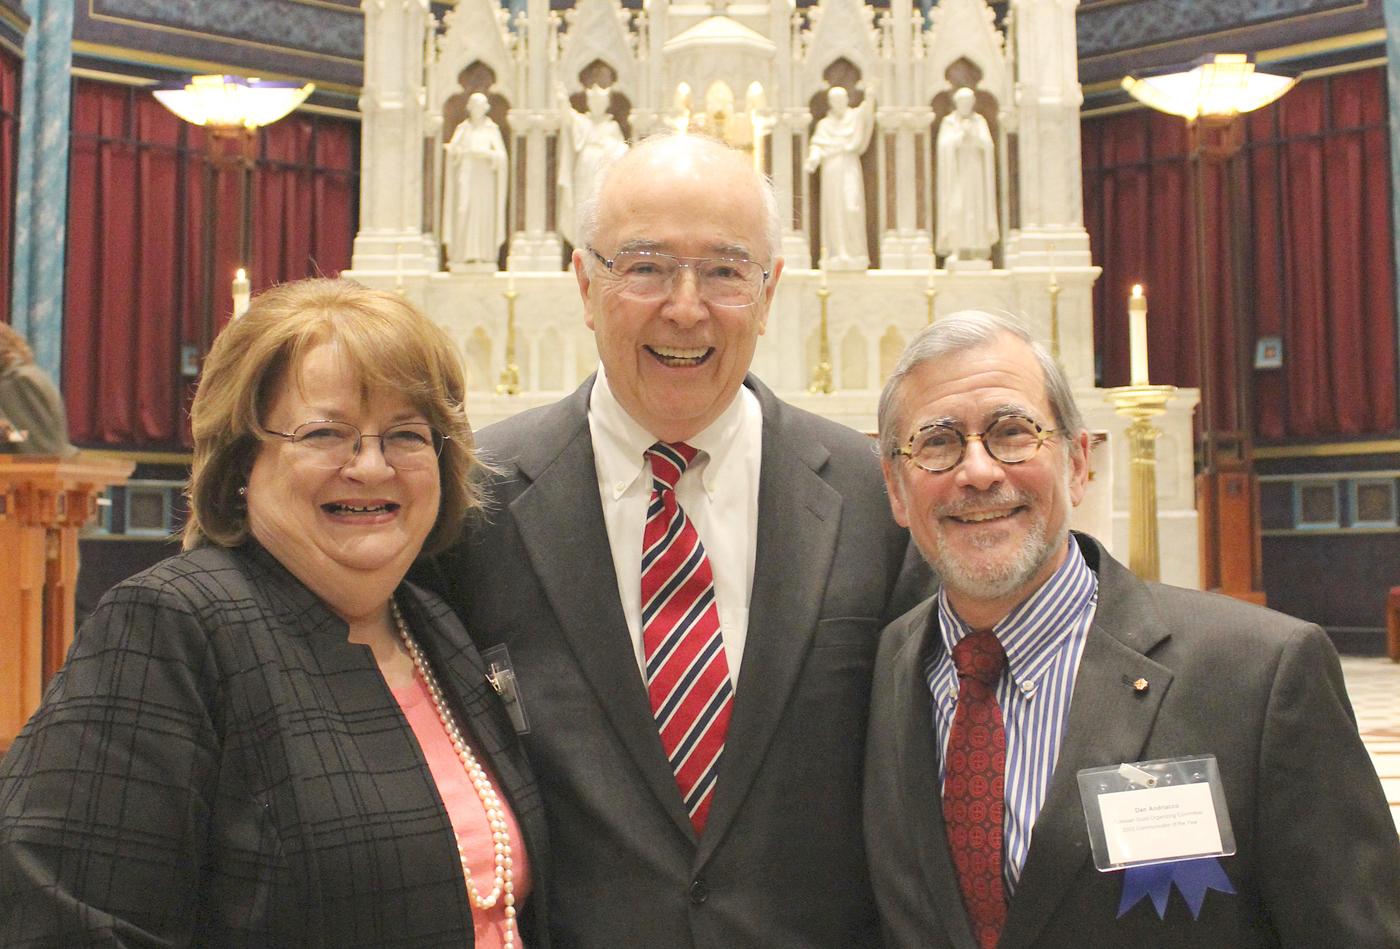 Bill Burleigh honored as Catholic journalist – Catholic